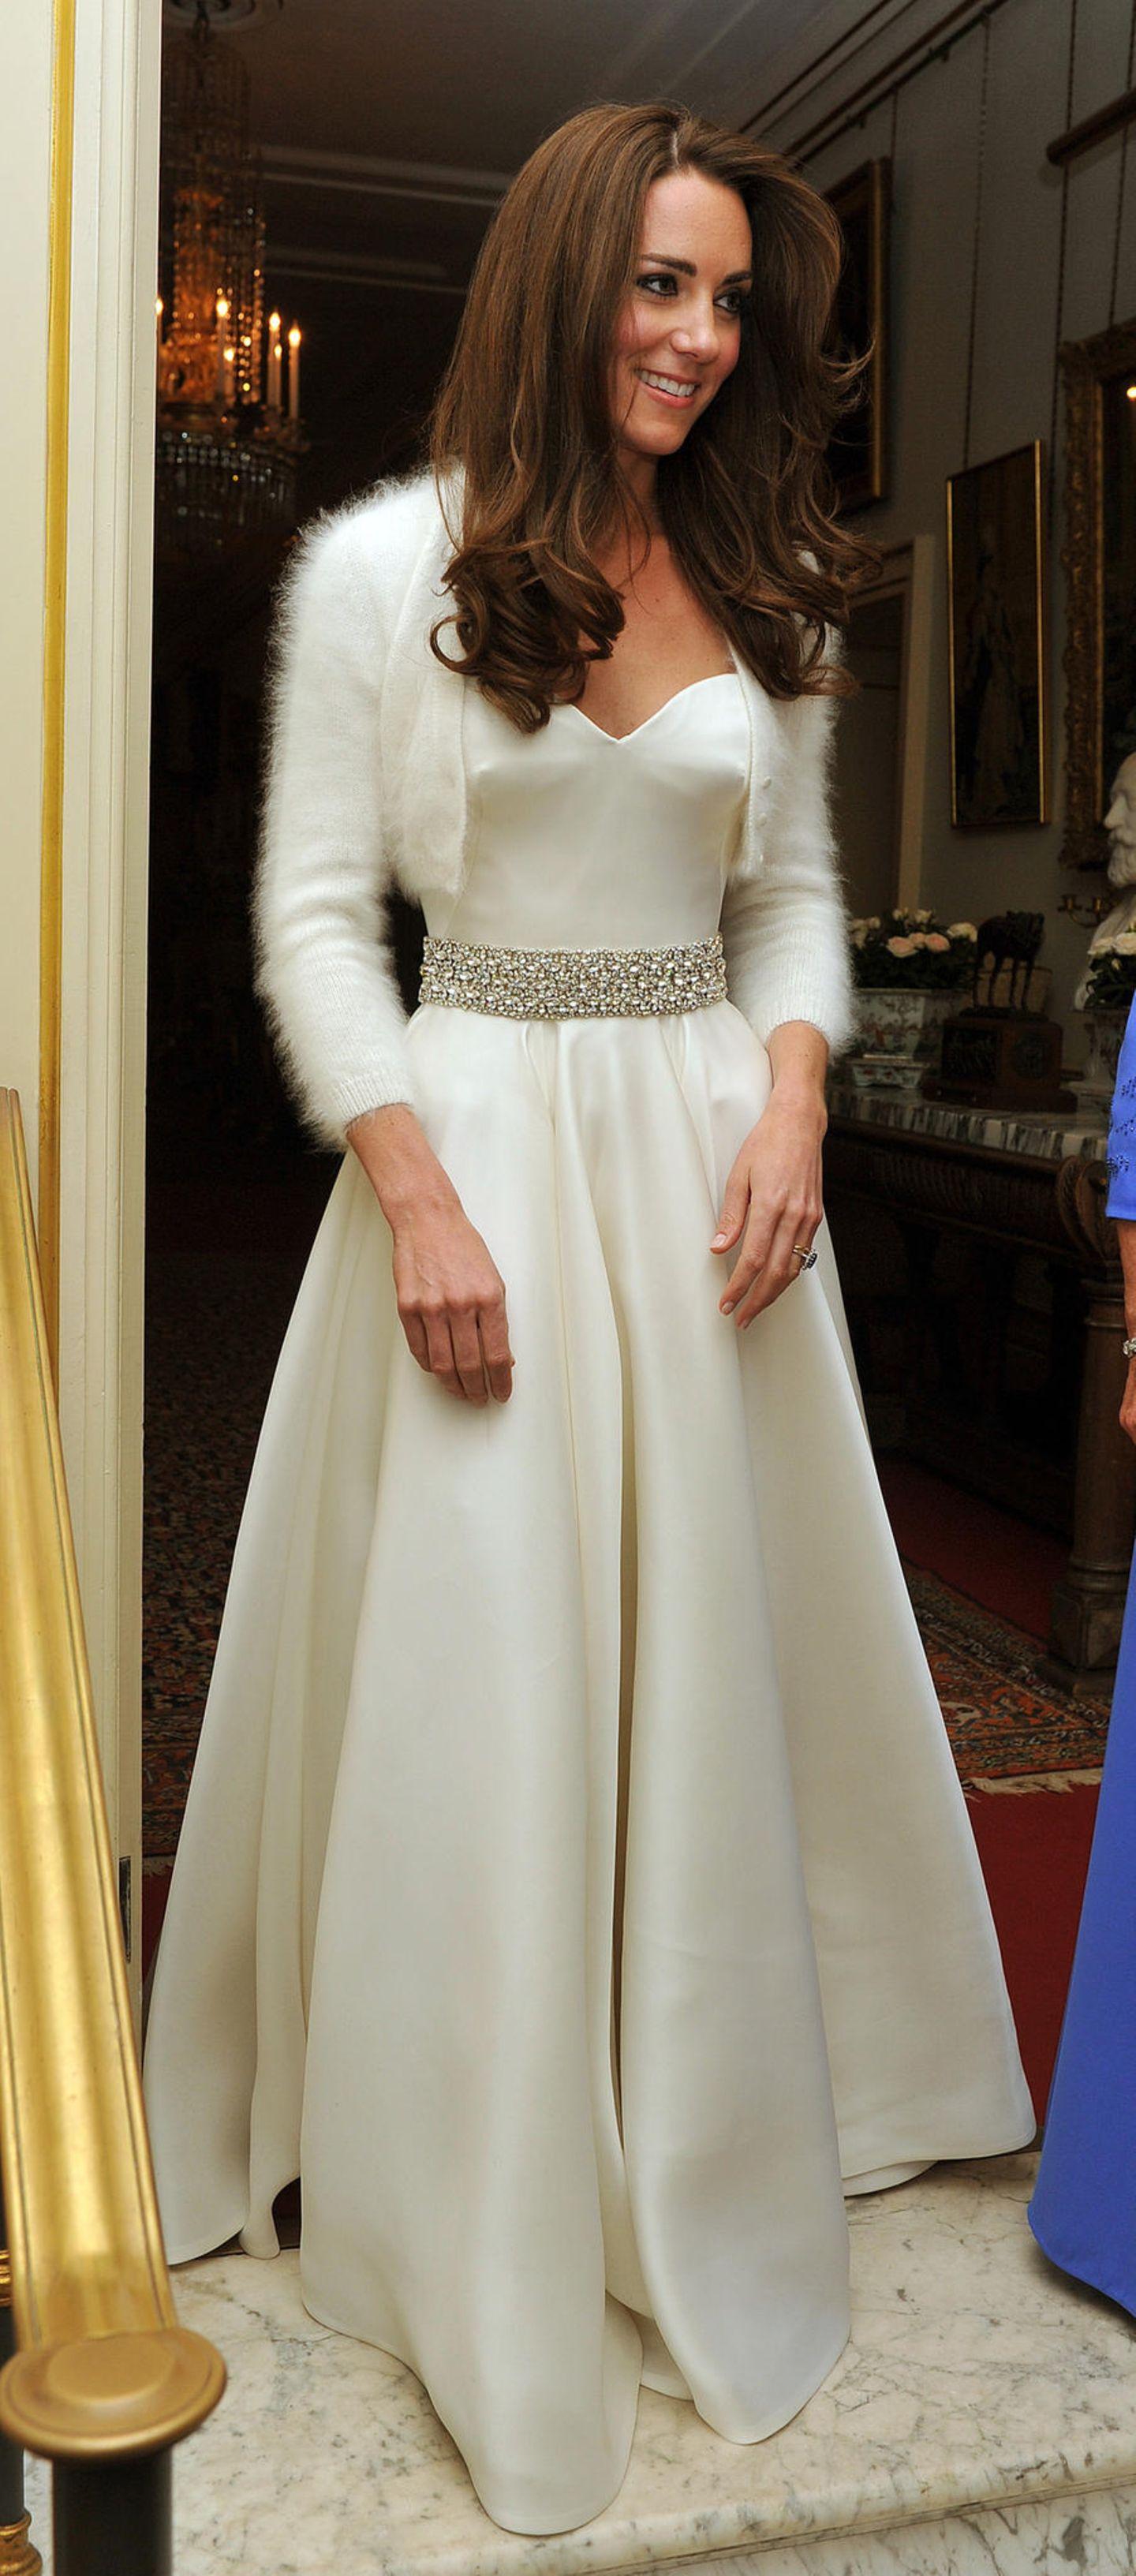 Zweite Hochzeitskleider: Herzogin Kate im Brautkleid